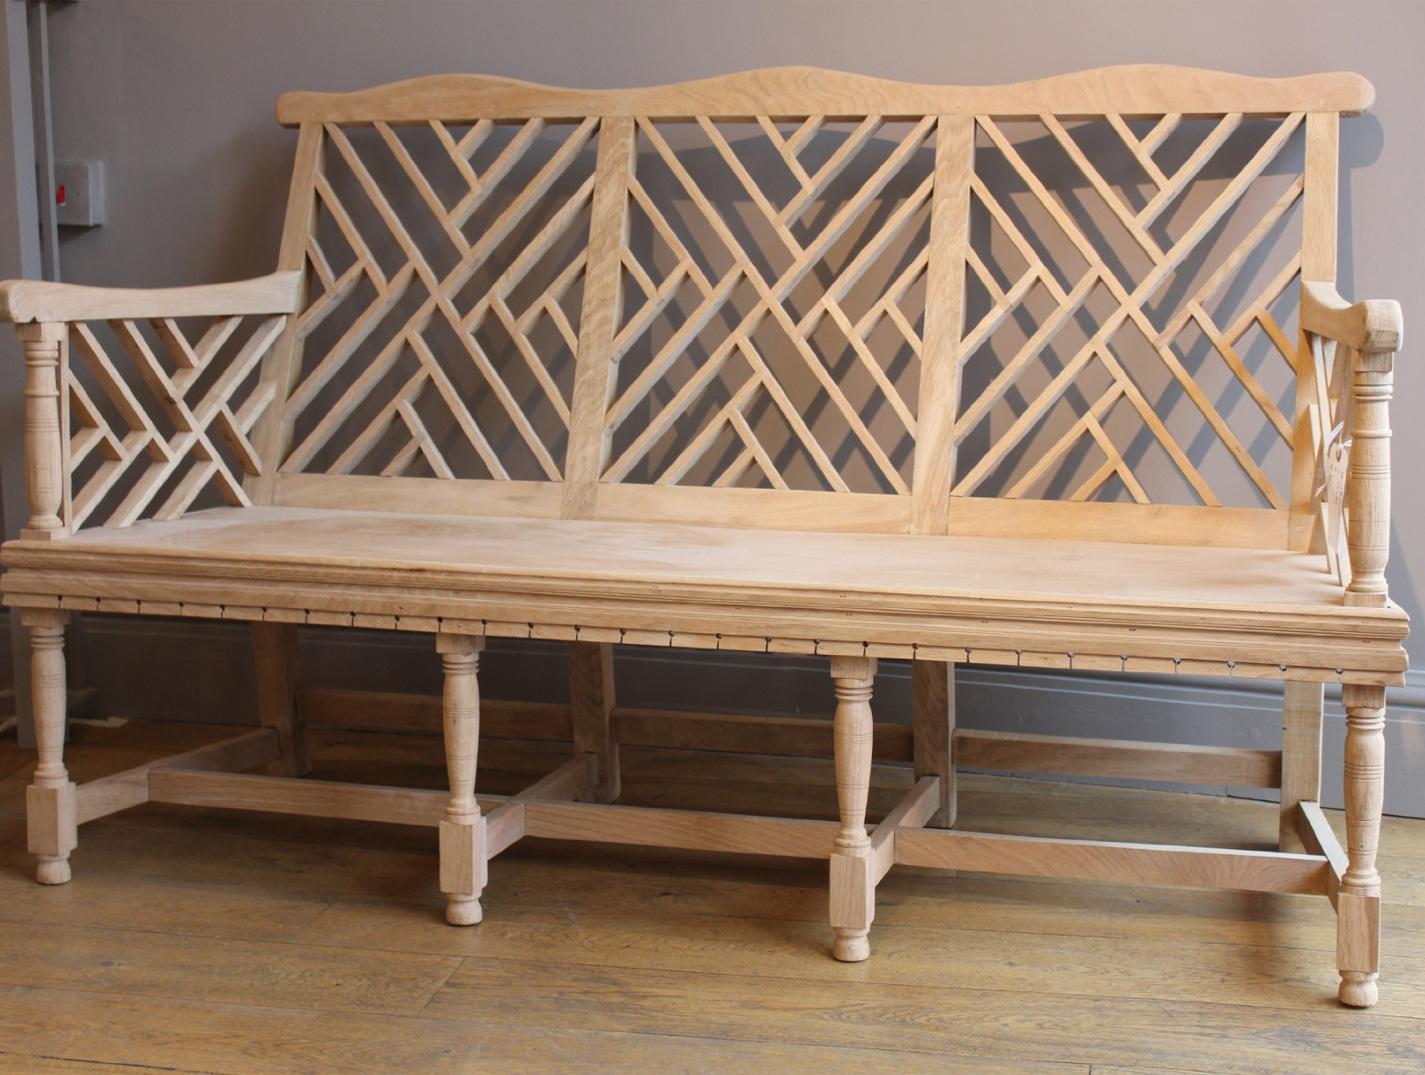 Lutyens style three seater garden bench